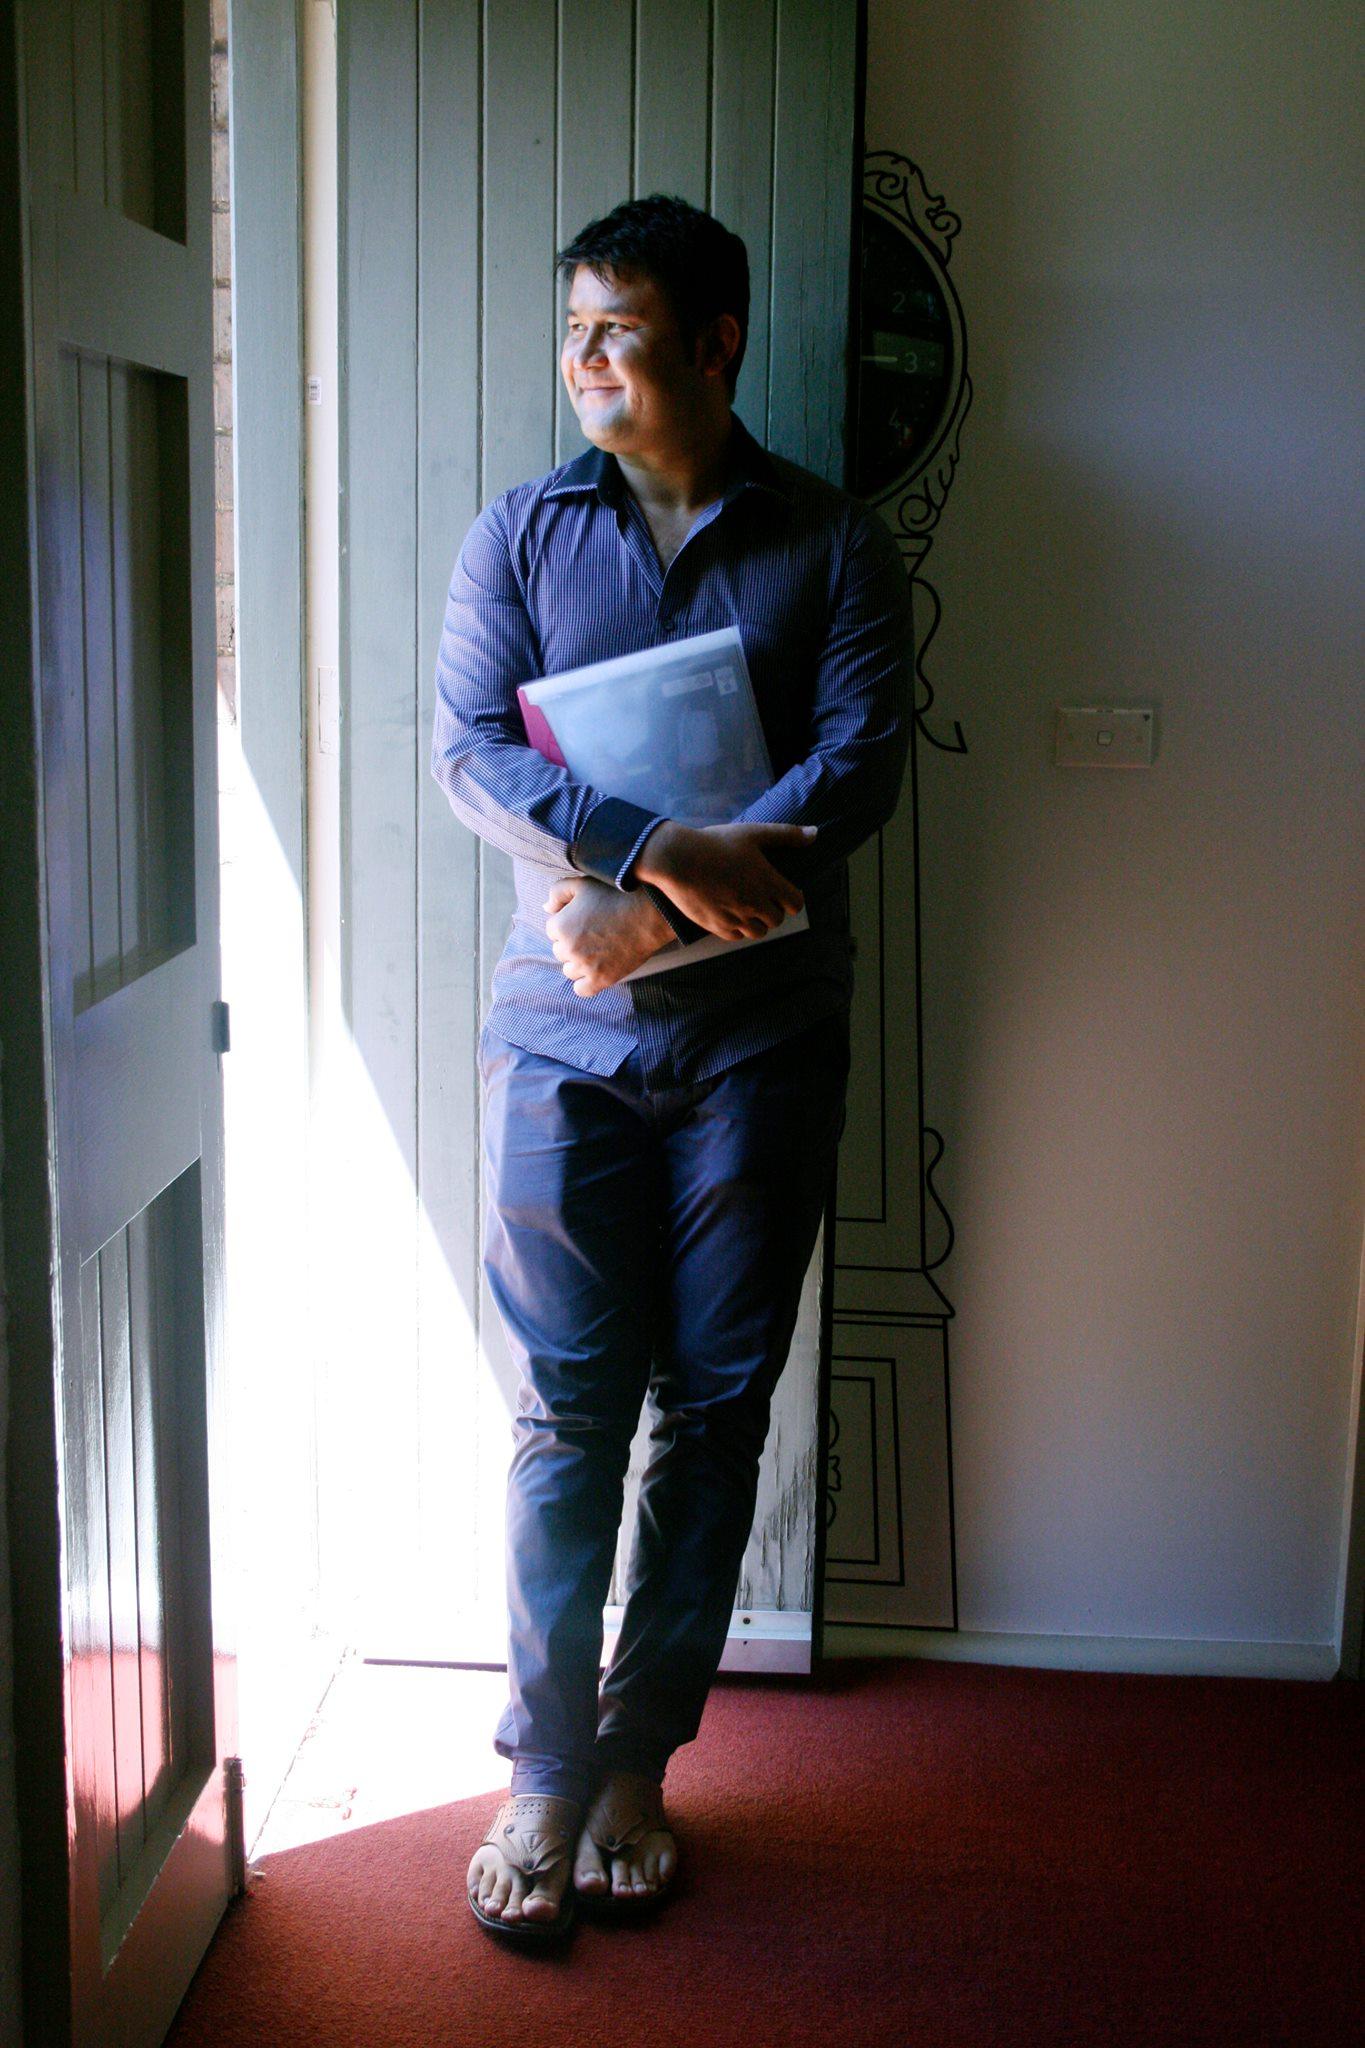 Keyhand Farahmand Photo oleh of Verity Chambers/Sydney TAFE Media